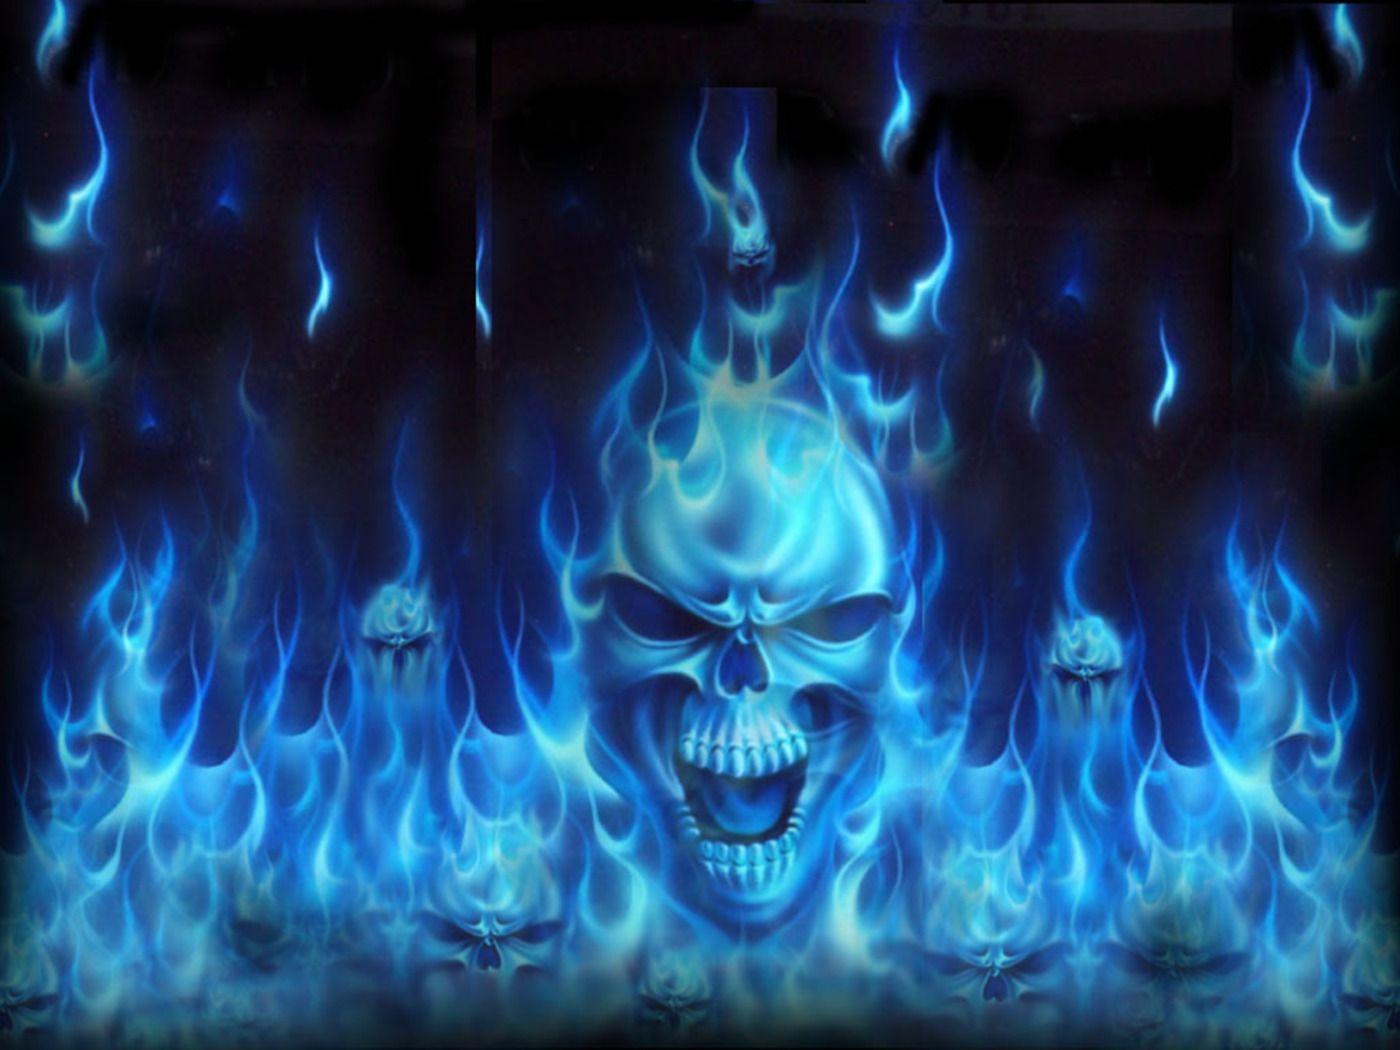 Skull Of Blue Fire Wallpaper Skull Wallpaper Blue Skulls Skull Artwork